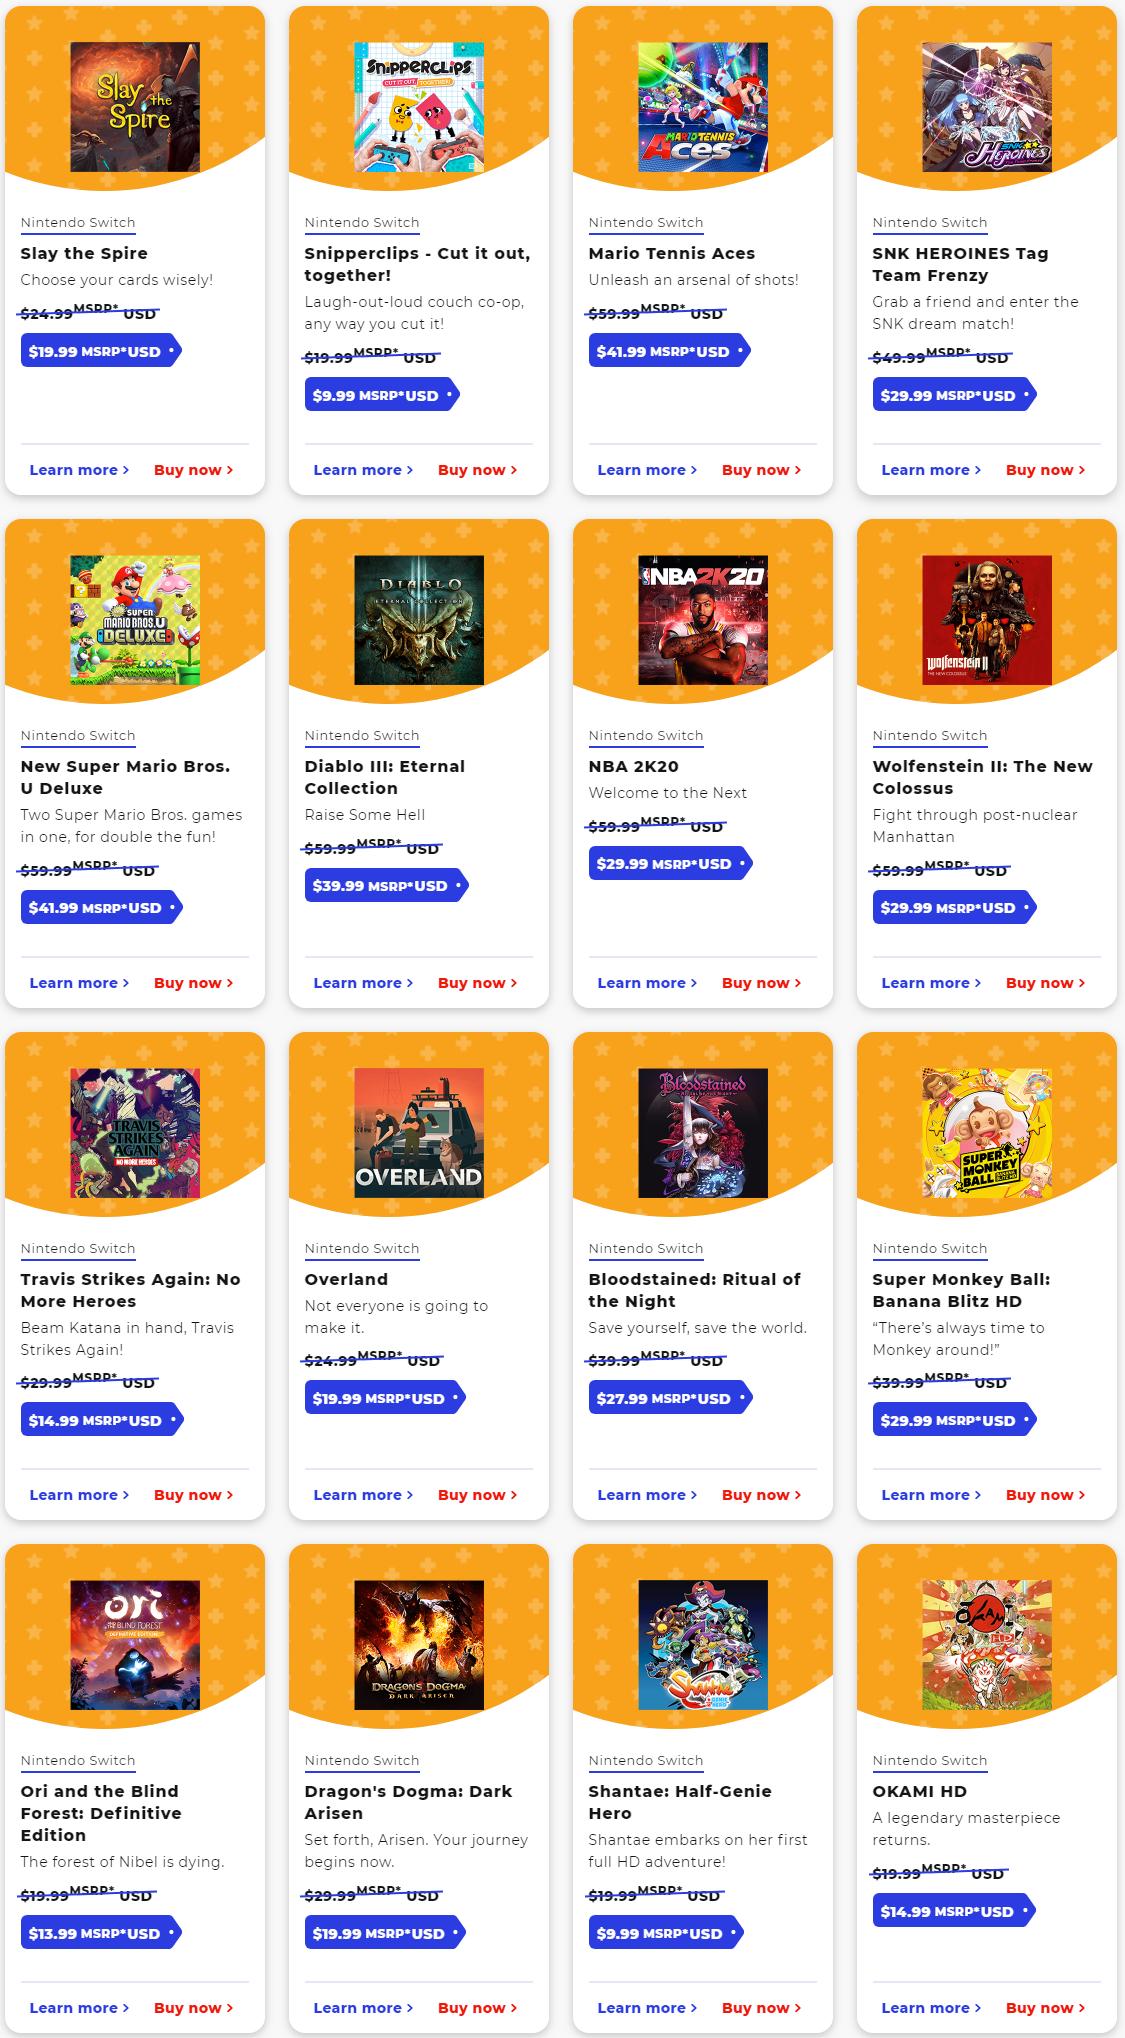 任天堂eShop美服黑五开启 《塞尔达传说》等大作纷纷降价